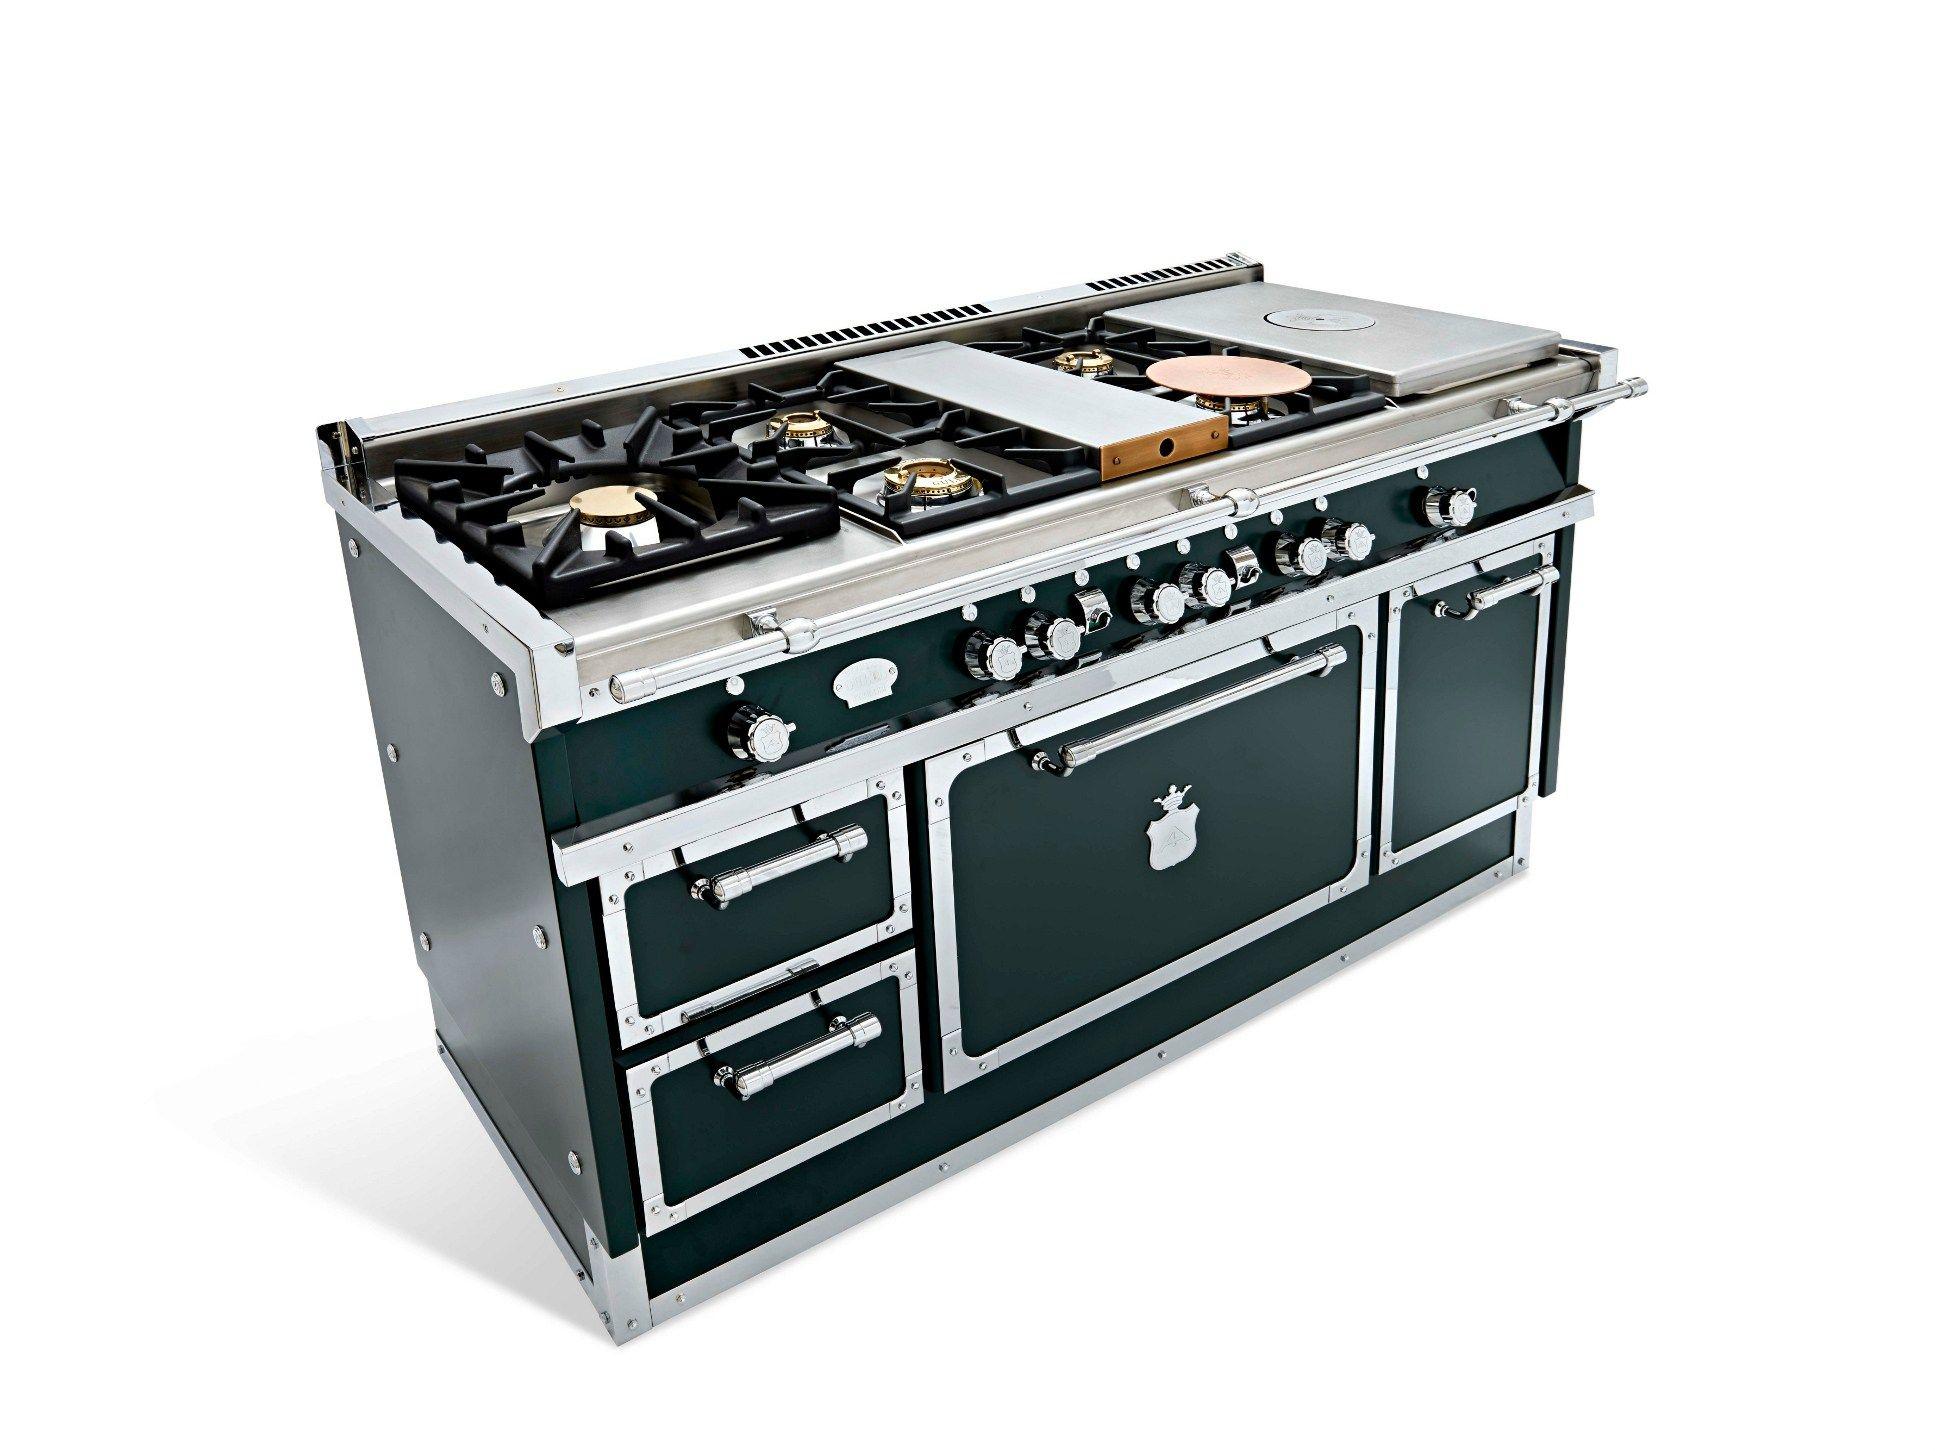 Og168 cucina a libera installazione by officine gullo - Cucine fratelli onofri ...